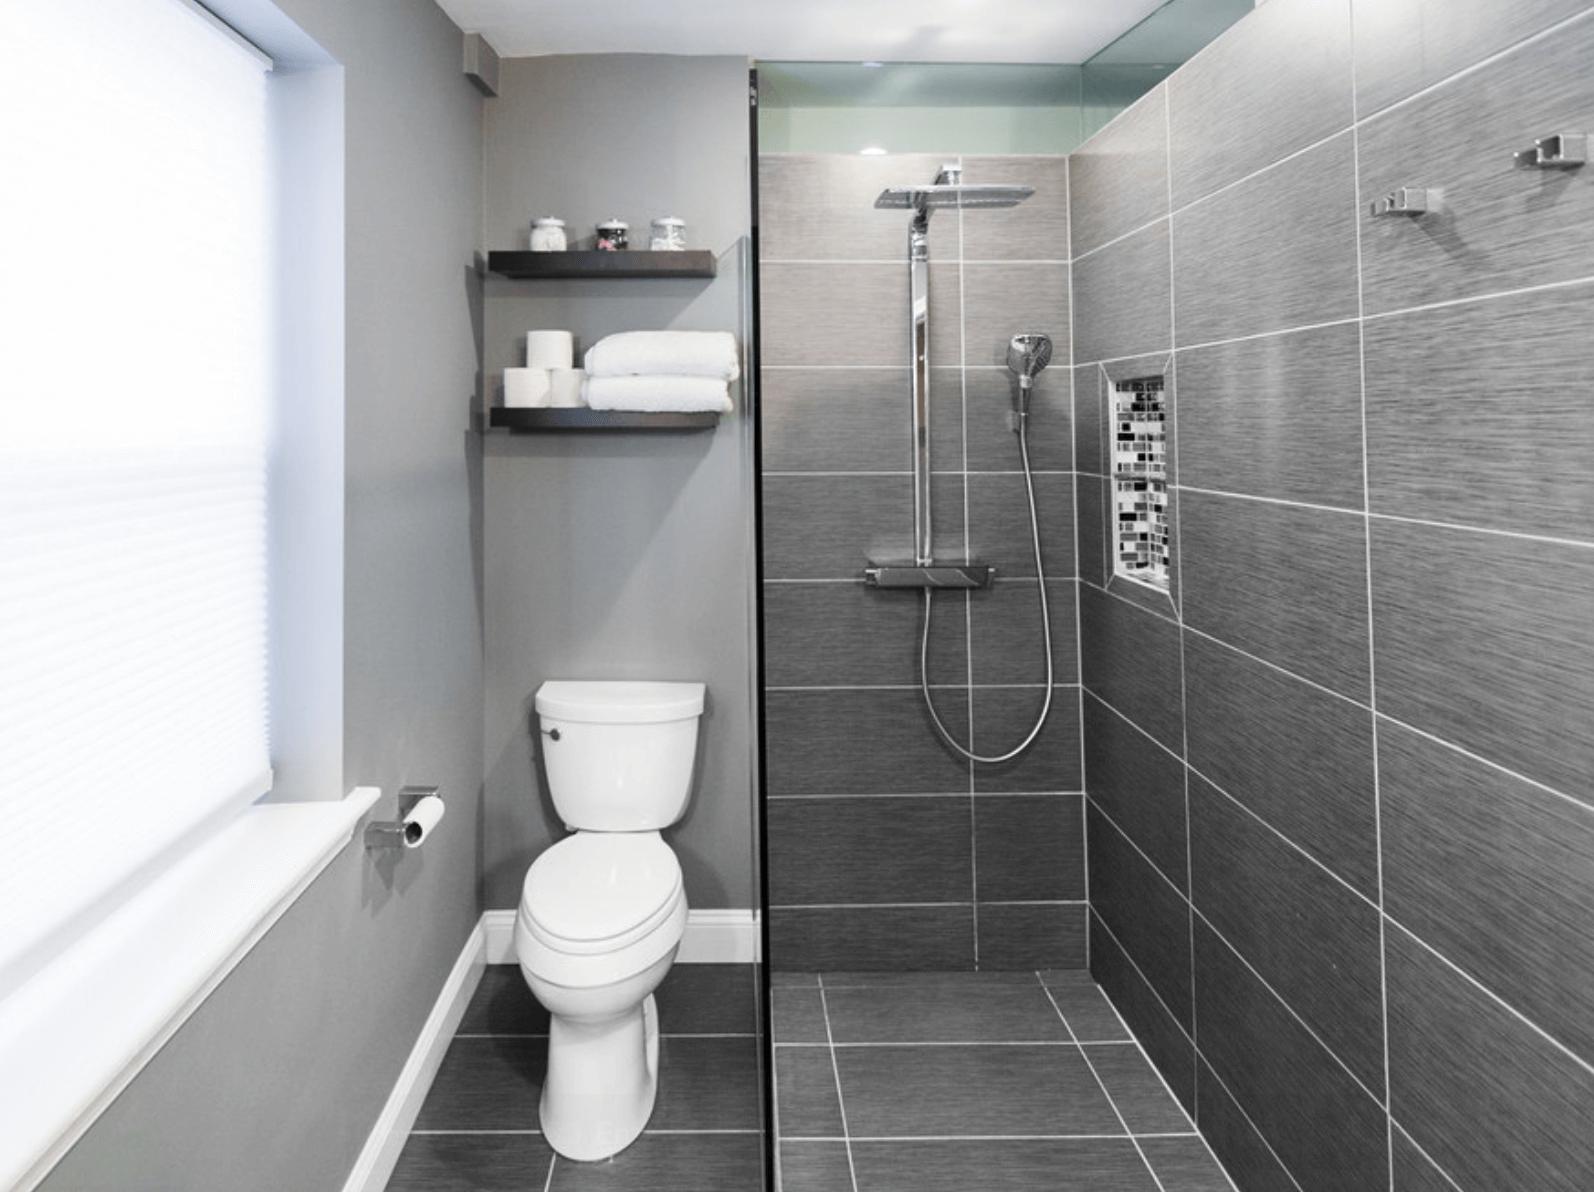 Banheiros Pequenos Fotos e Dicas Imperdíveis Arquidicas #5E6D61 1594 1192